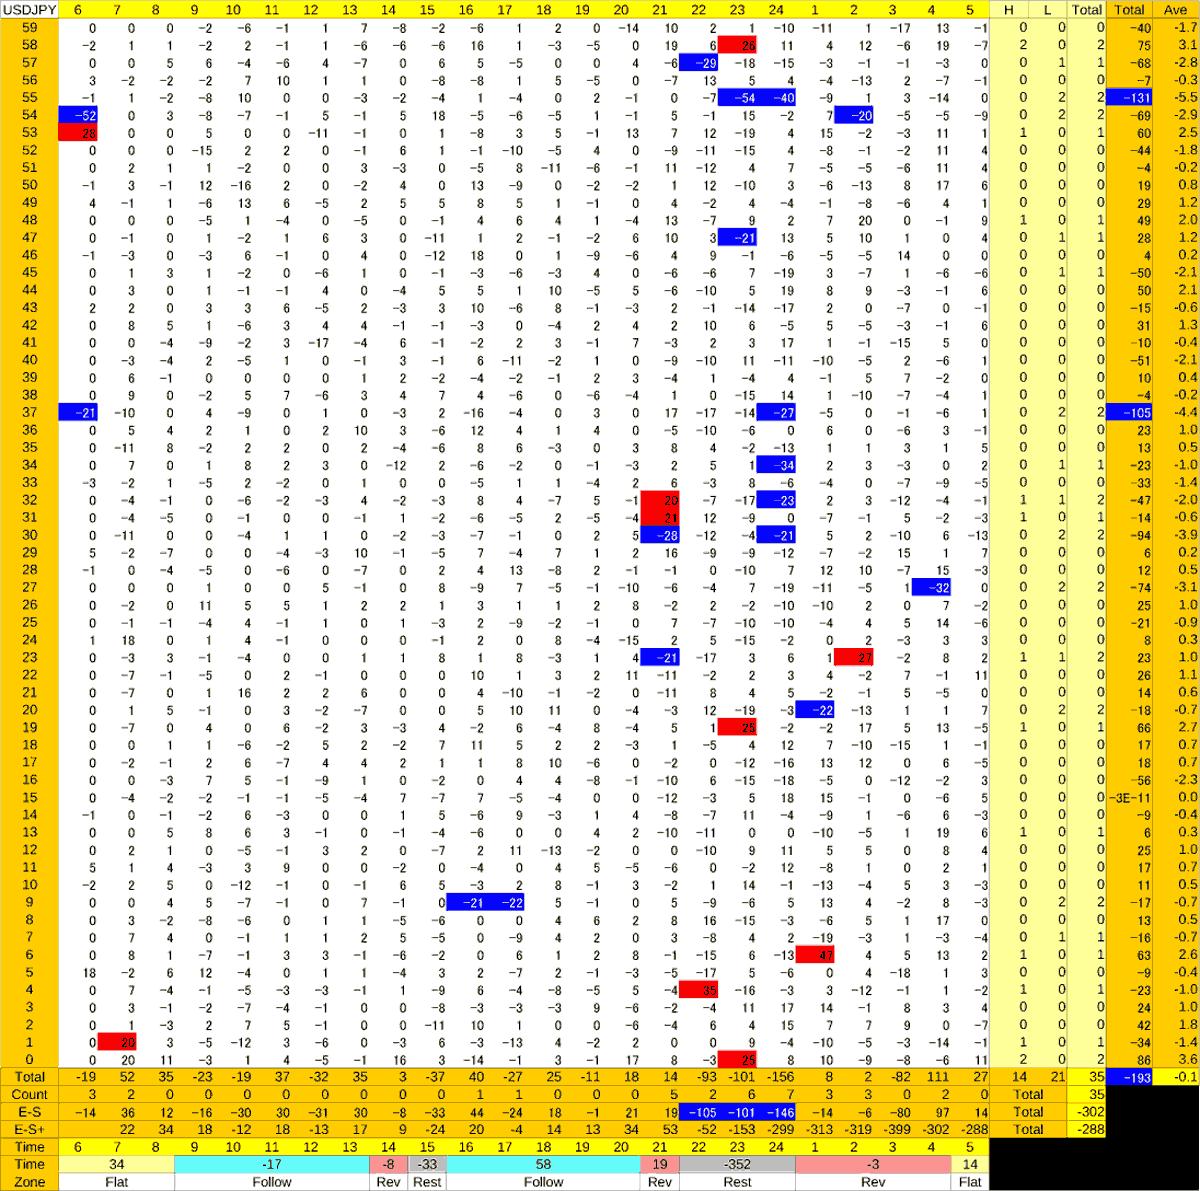 20200723_HS(1)USDJPY